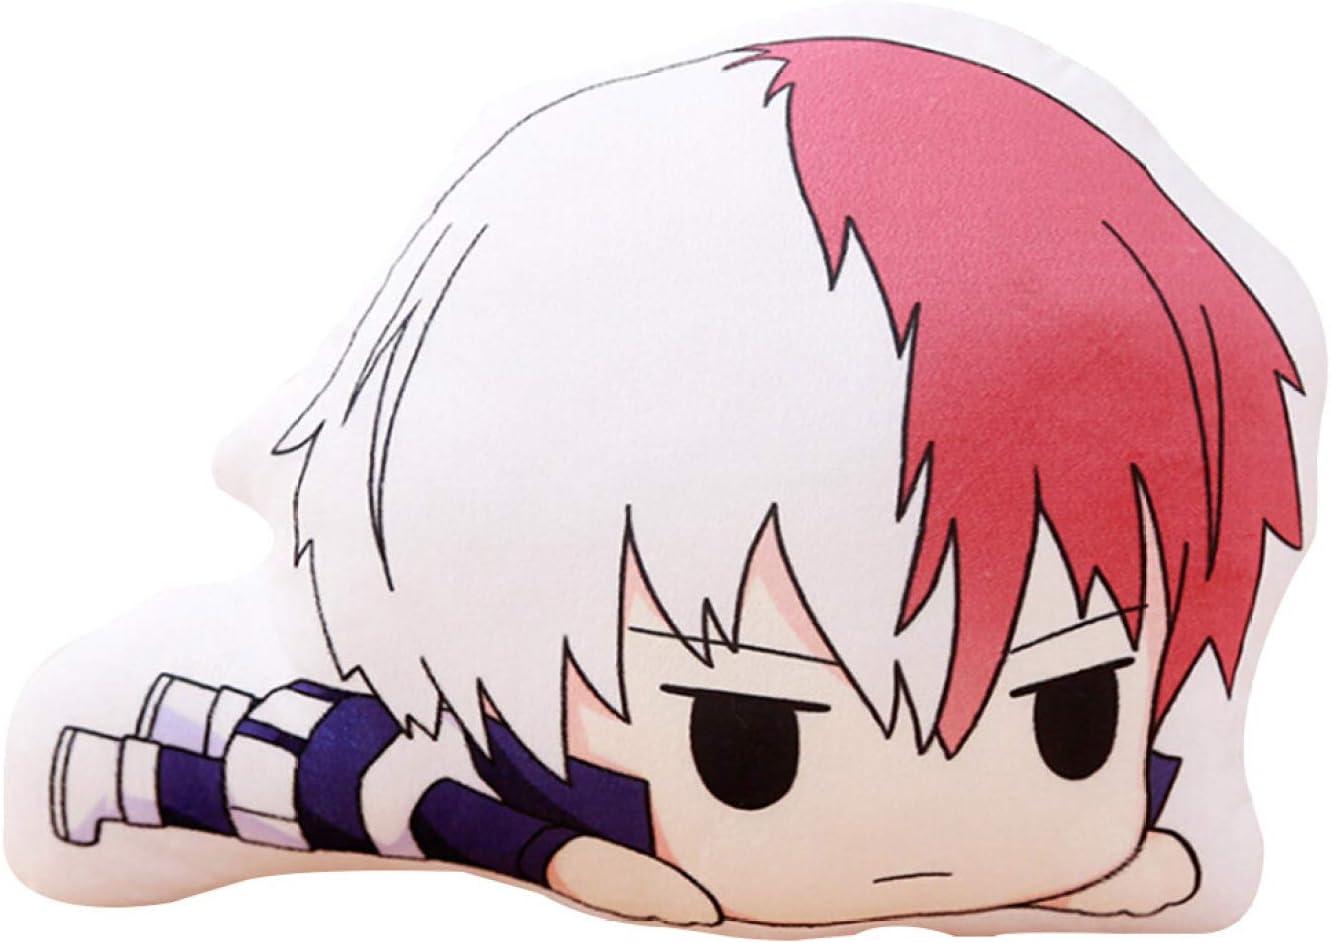 XINGSd Impeccable My Hero Academia Animation Around Plush Pillow Asui Tsuyu Novelty Anime Cartoon Image Pillow Anime Fans Gift L Bakugou Katsuki